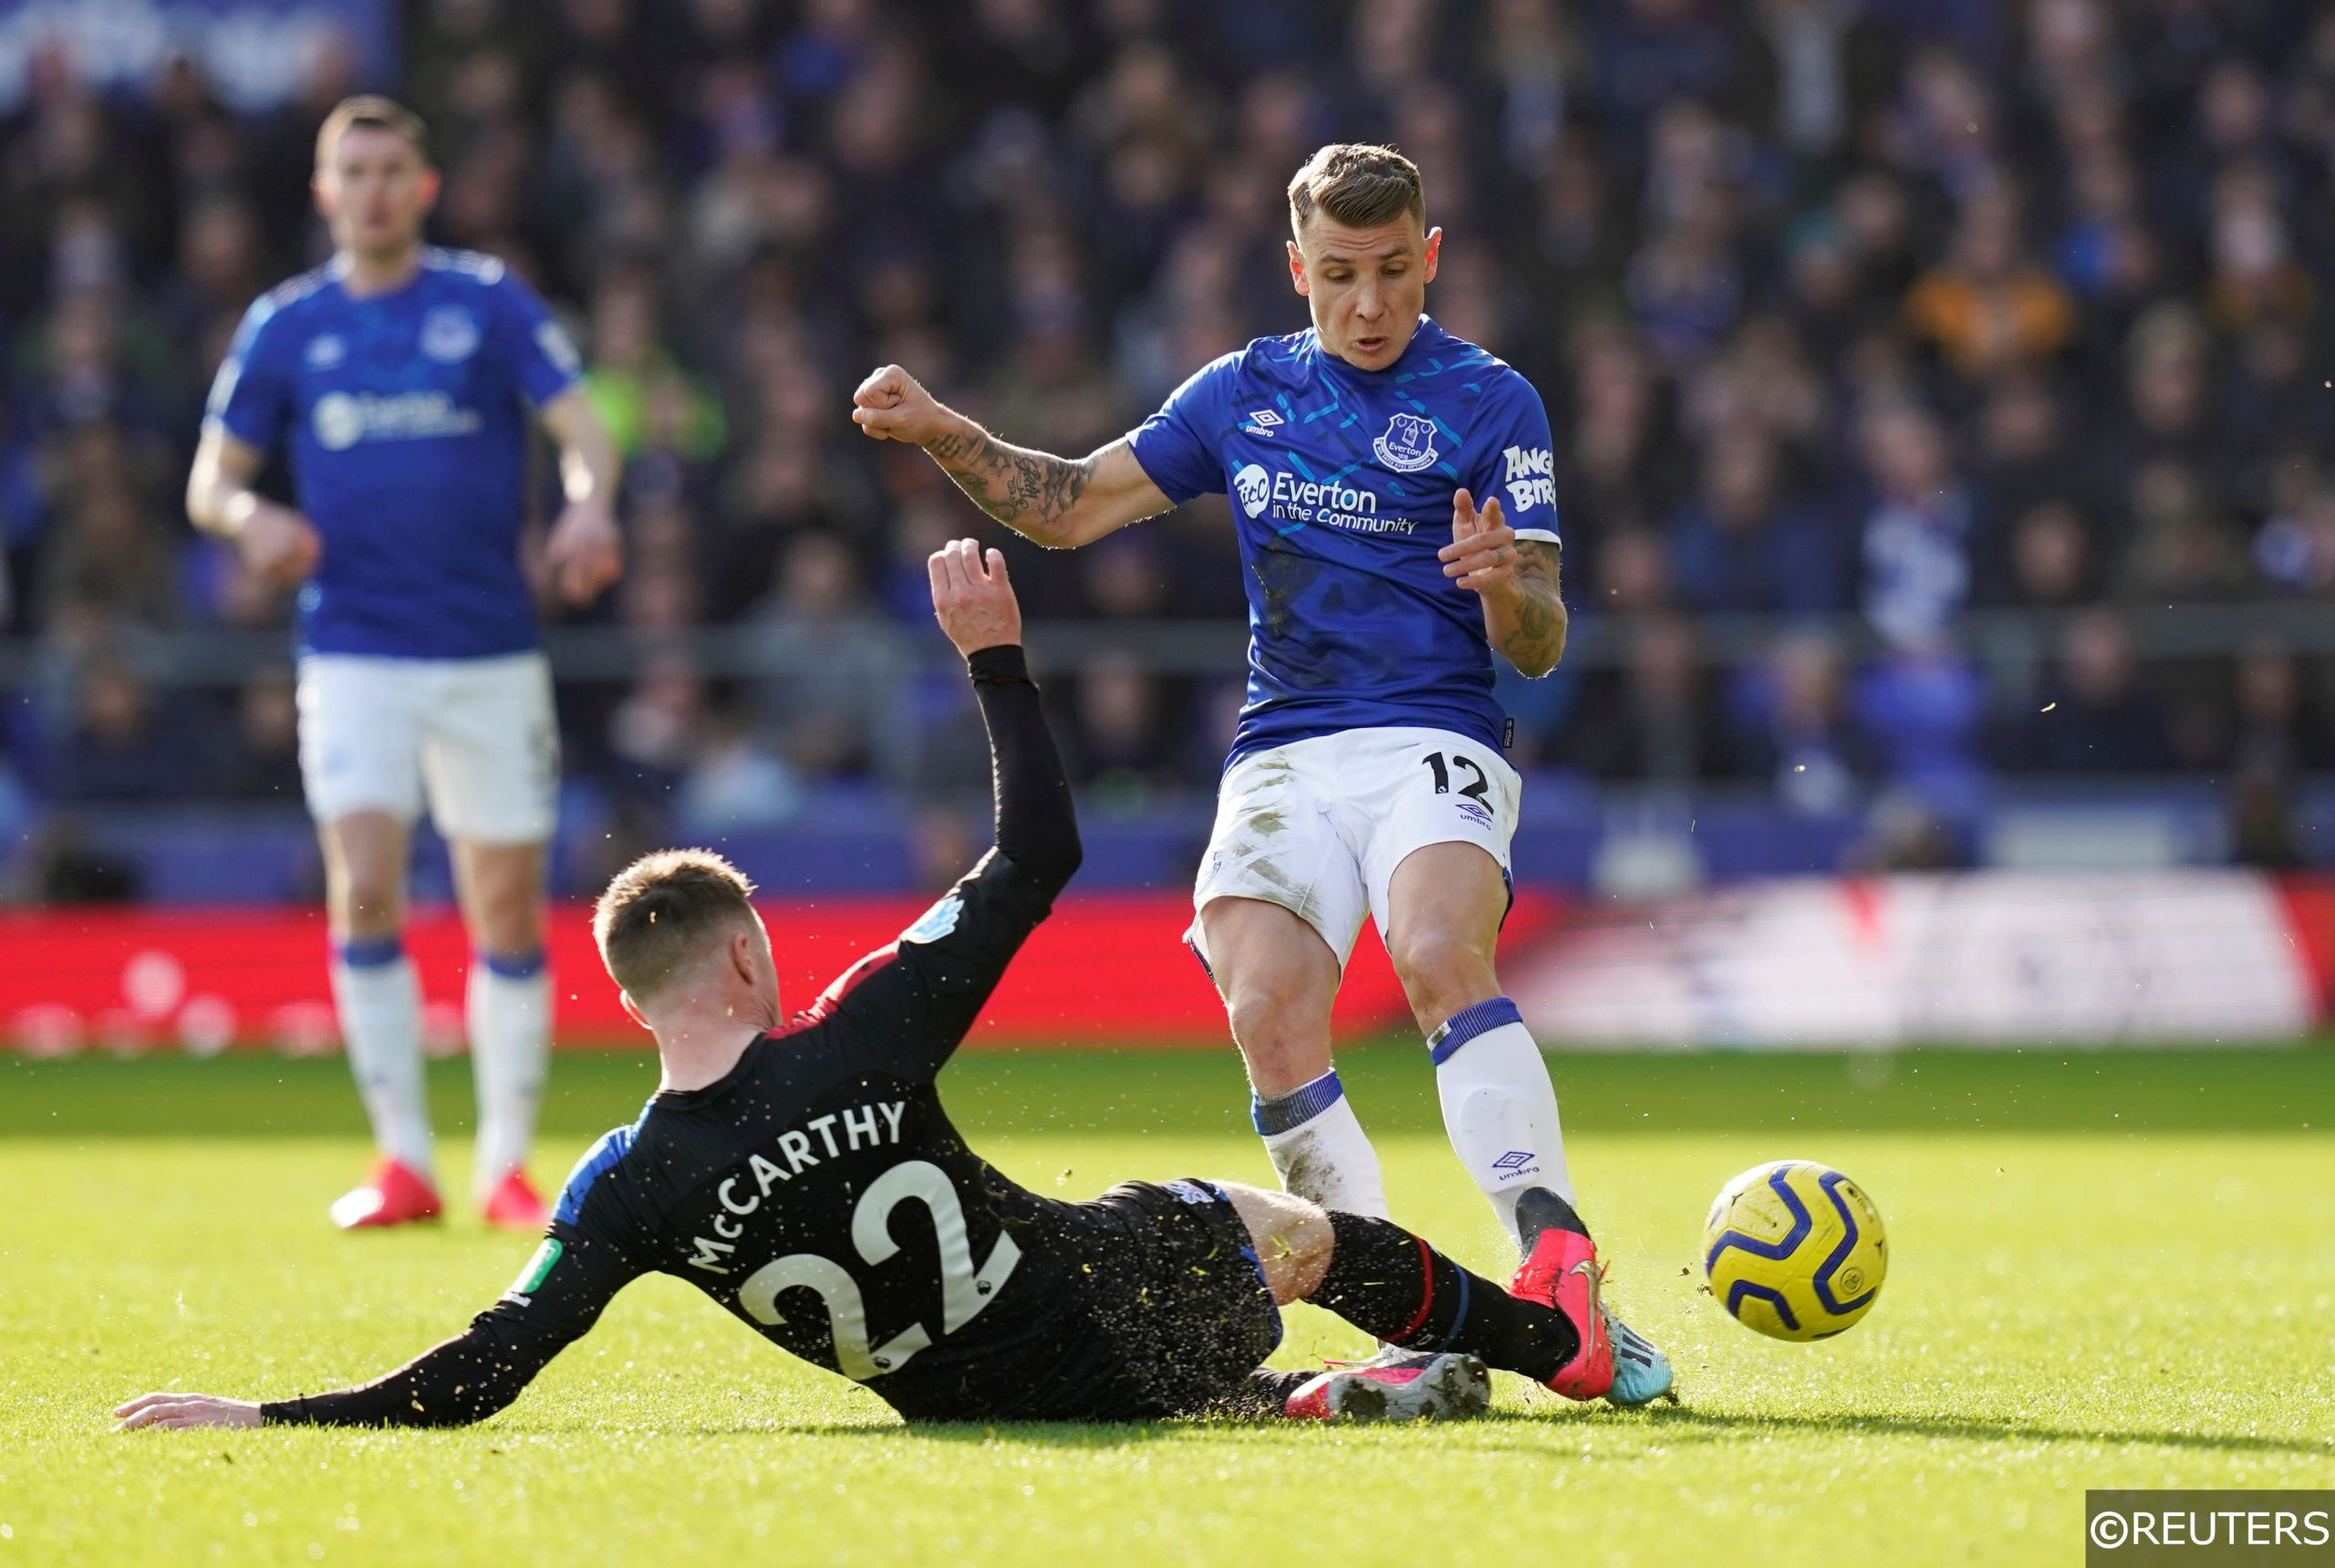 Everton defender Lucas Digne tackled